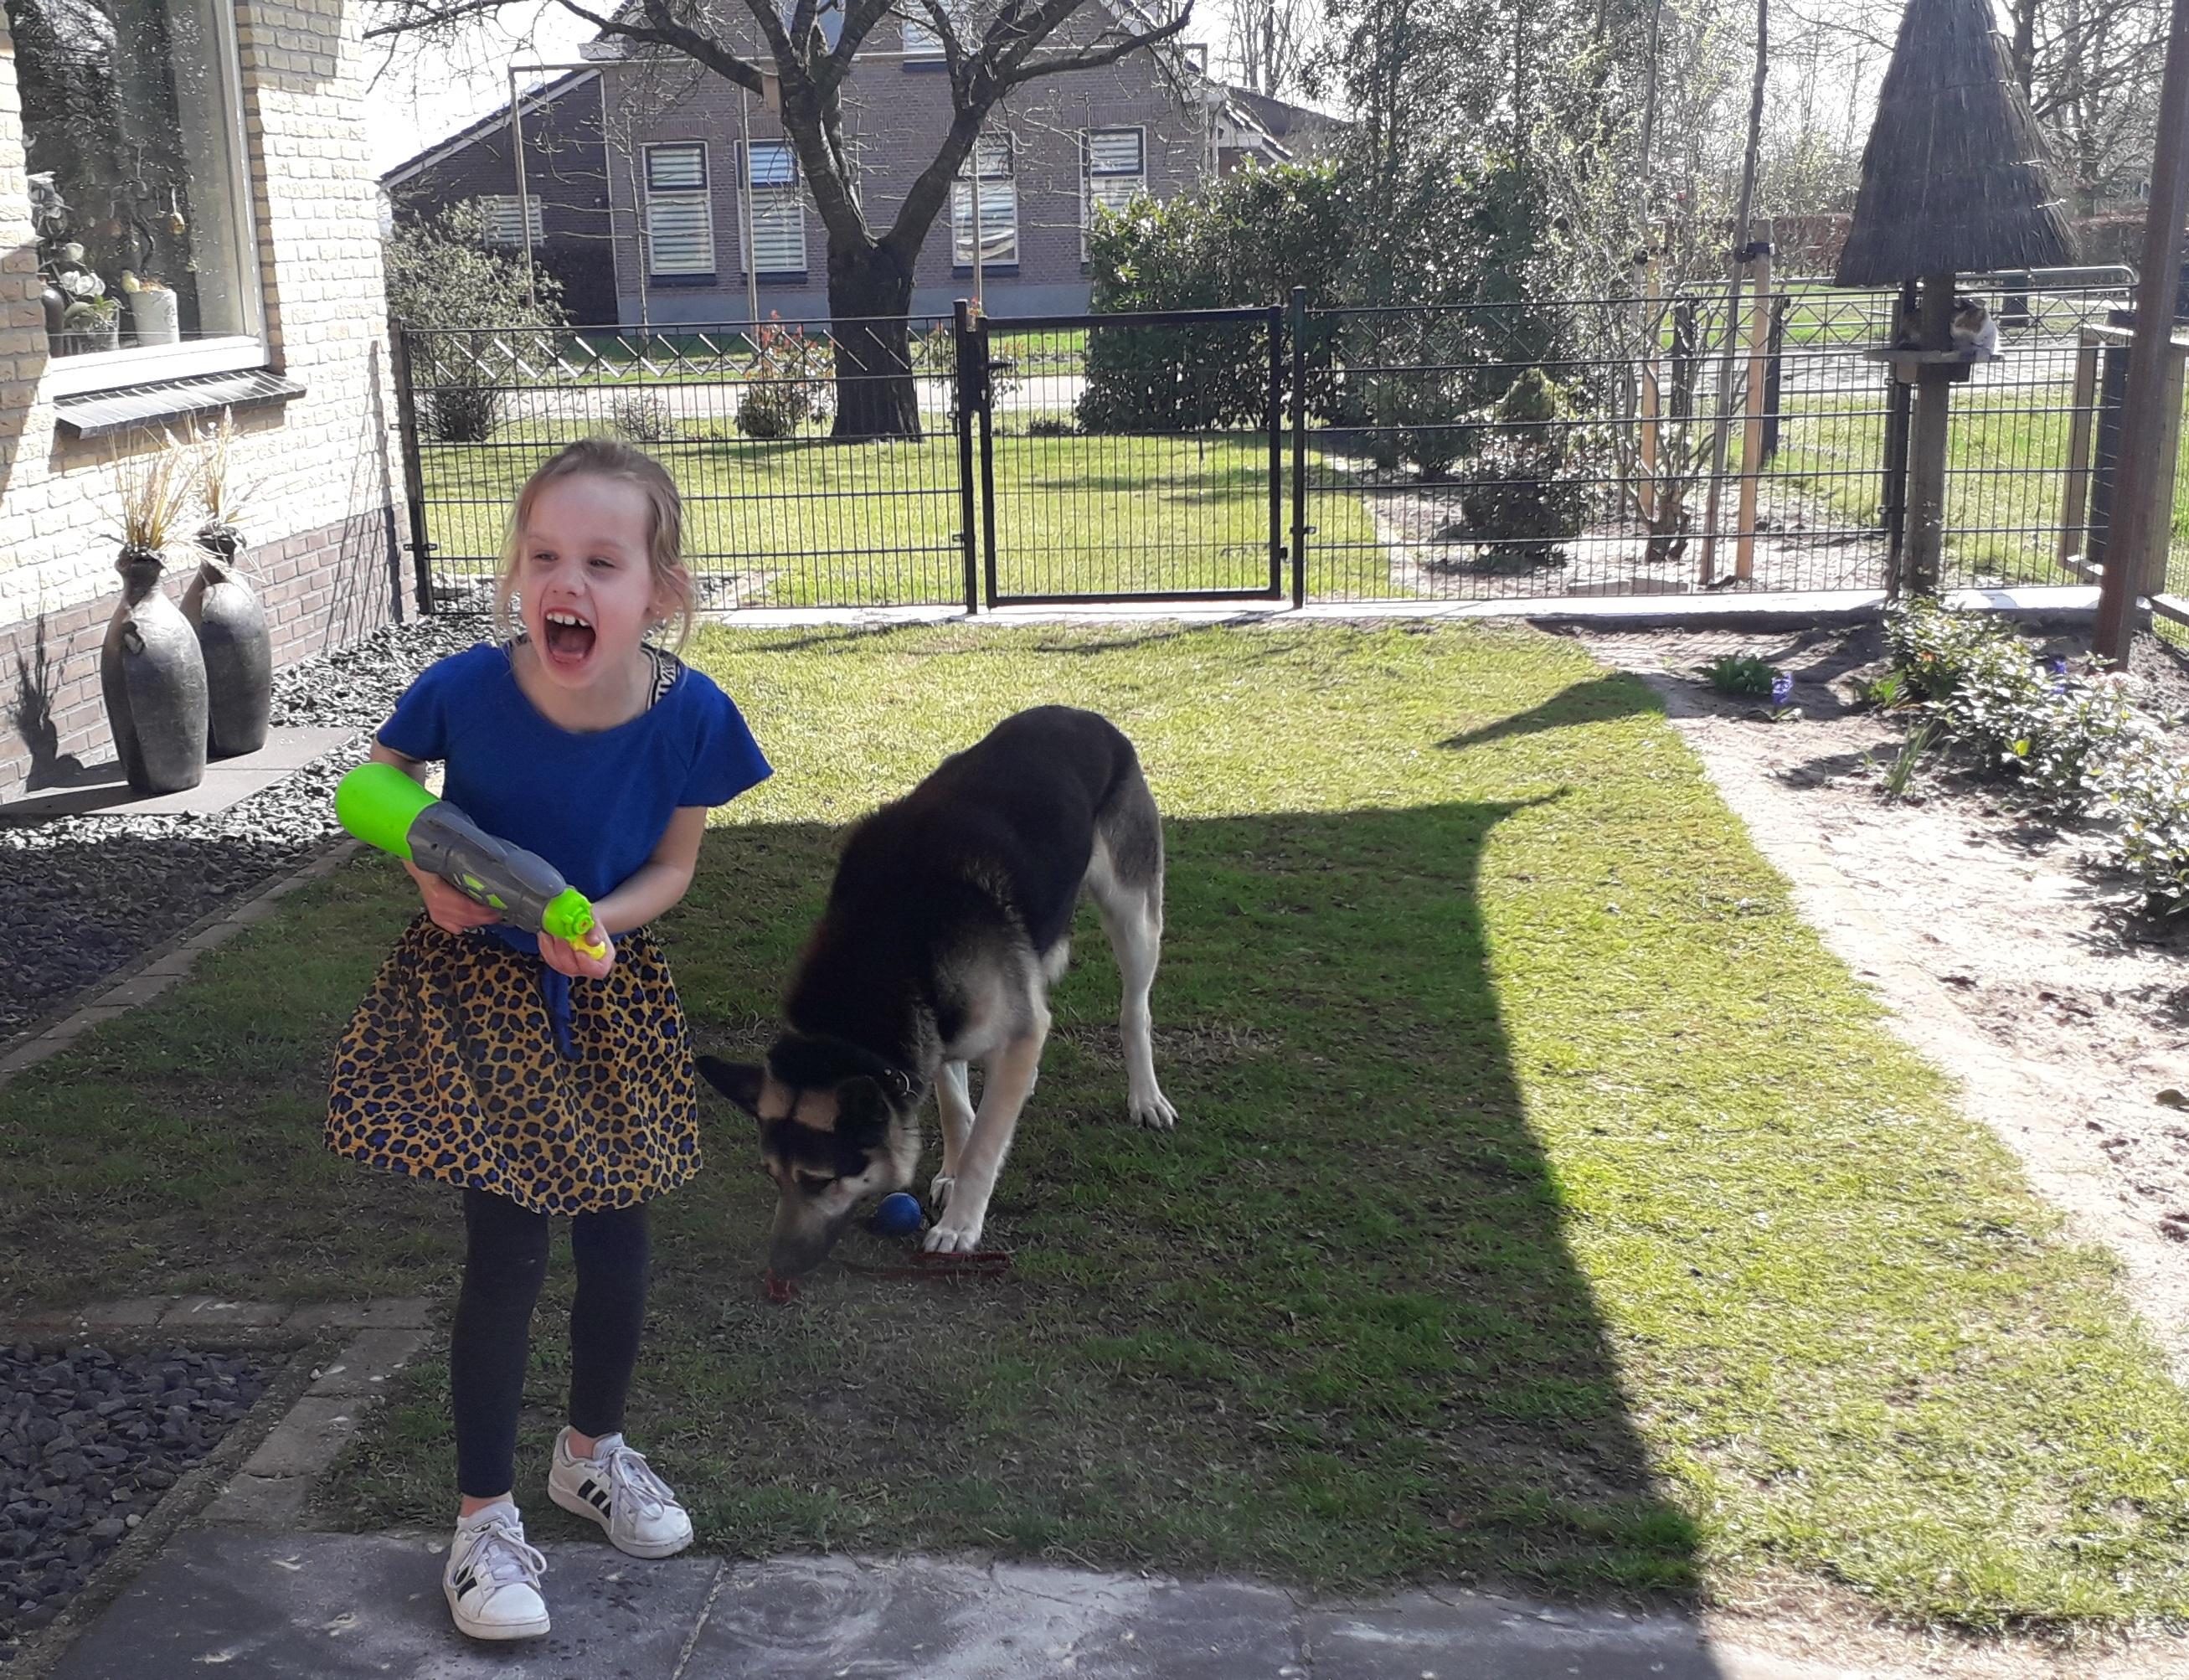 Droomtuin voor kinderen: 4 ideeën